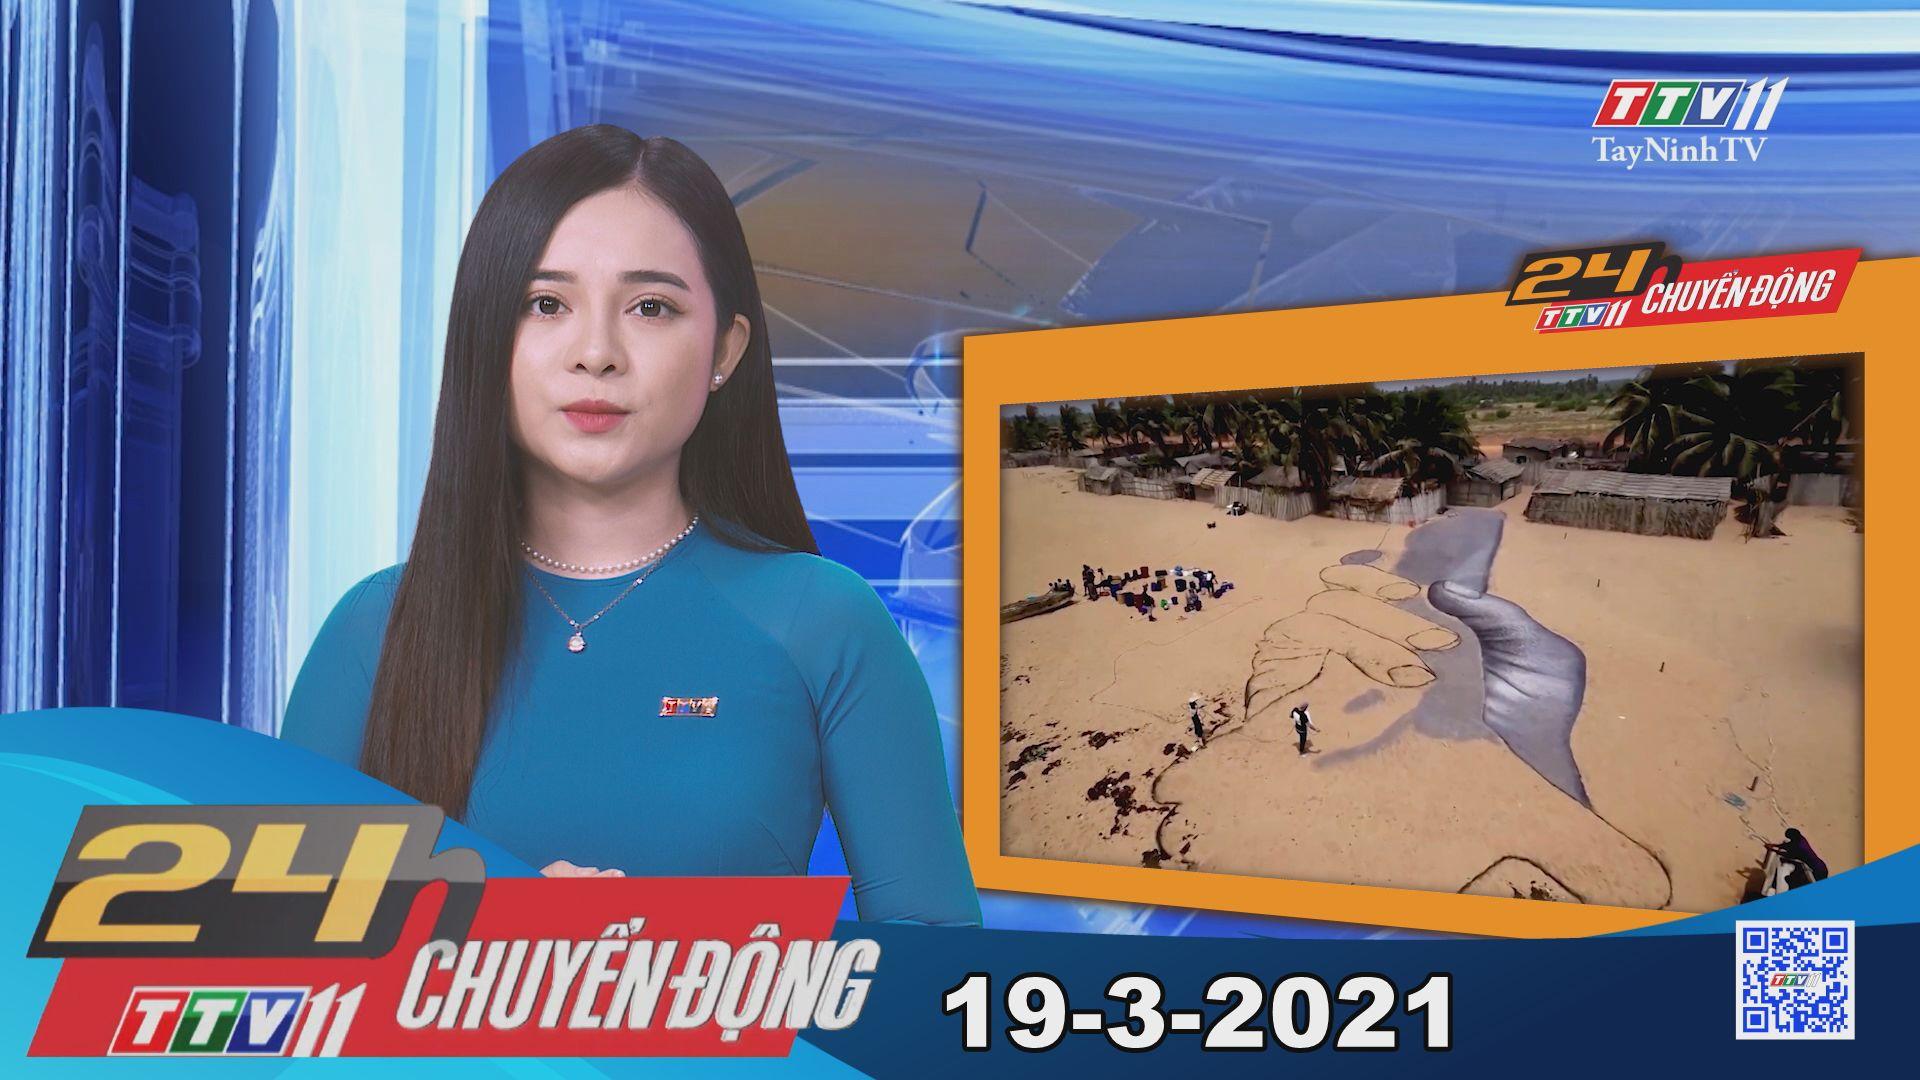 24h Chuyển động 19-3-2021 | Tin tức hôm nay | TayNinhTV